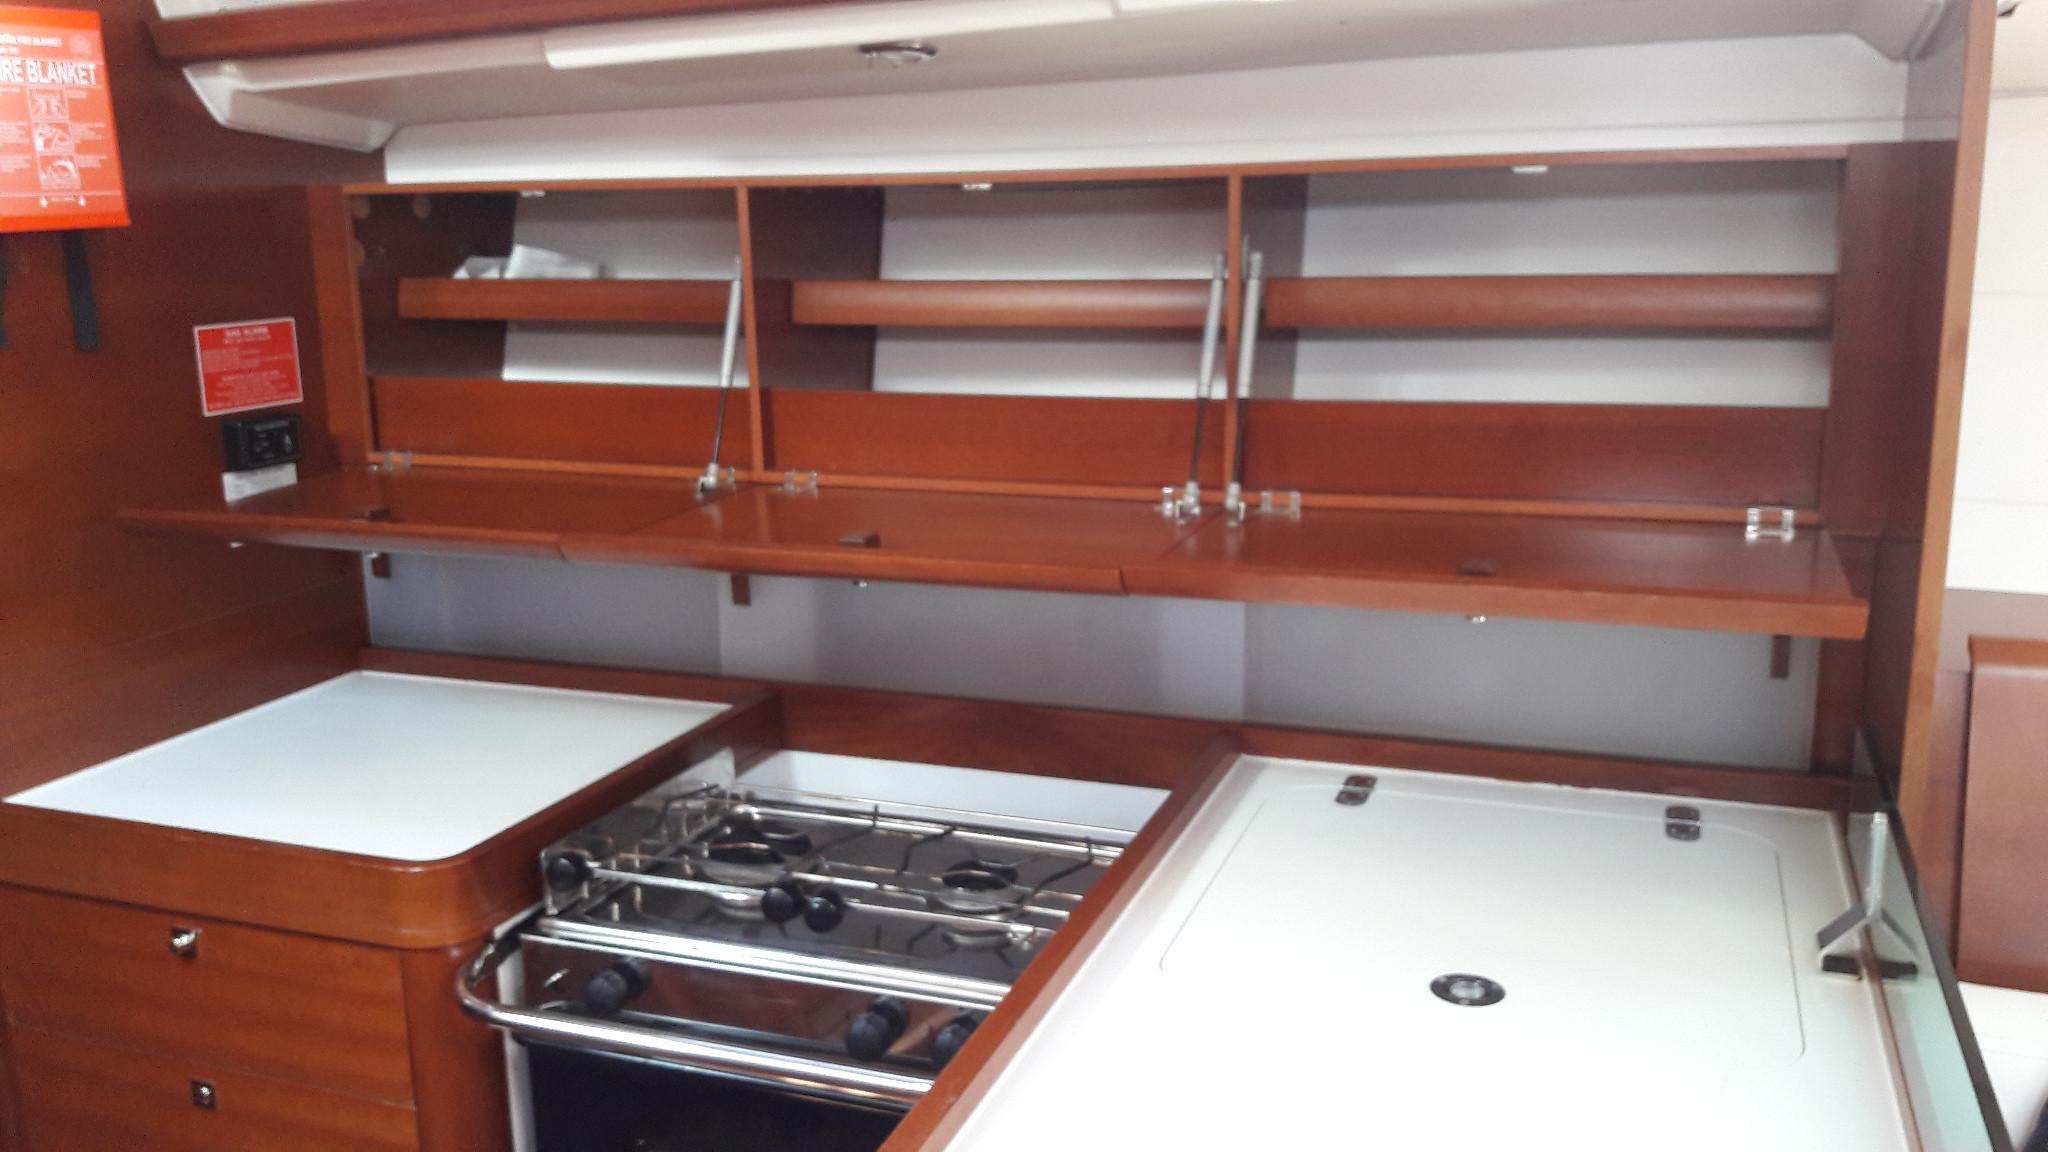 Dufour 40e galley eye level storage